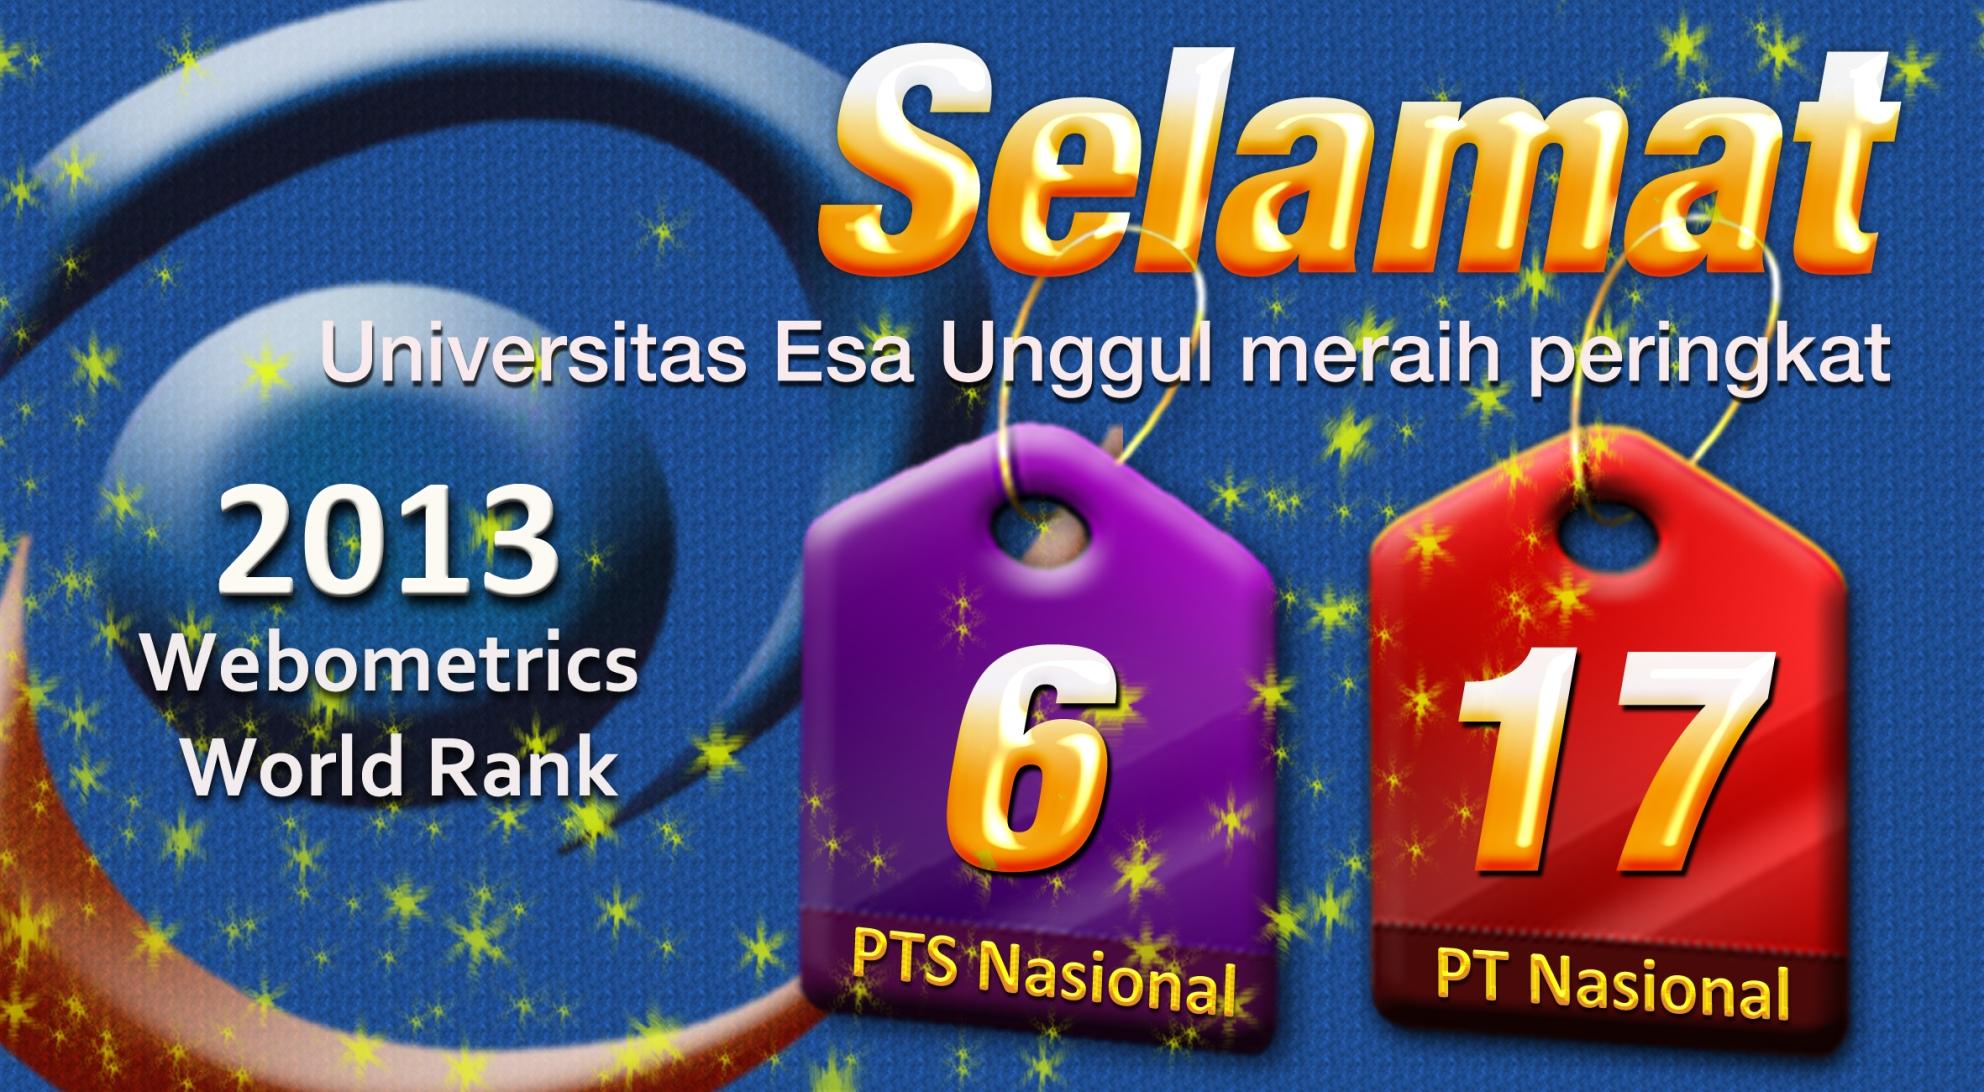 Universitas Esa Unggul Meraih Peringkat Terbaik ke-6 PTS se-Indonesia Webometrics World Rank Juli 2013